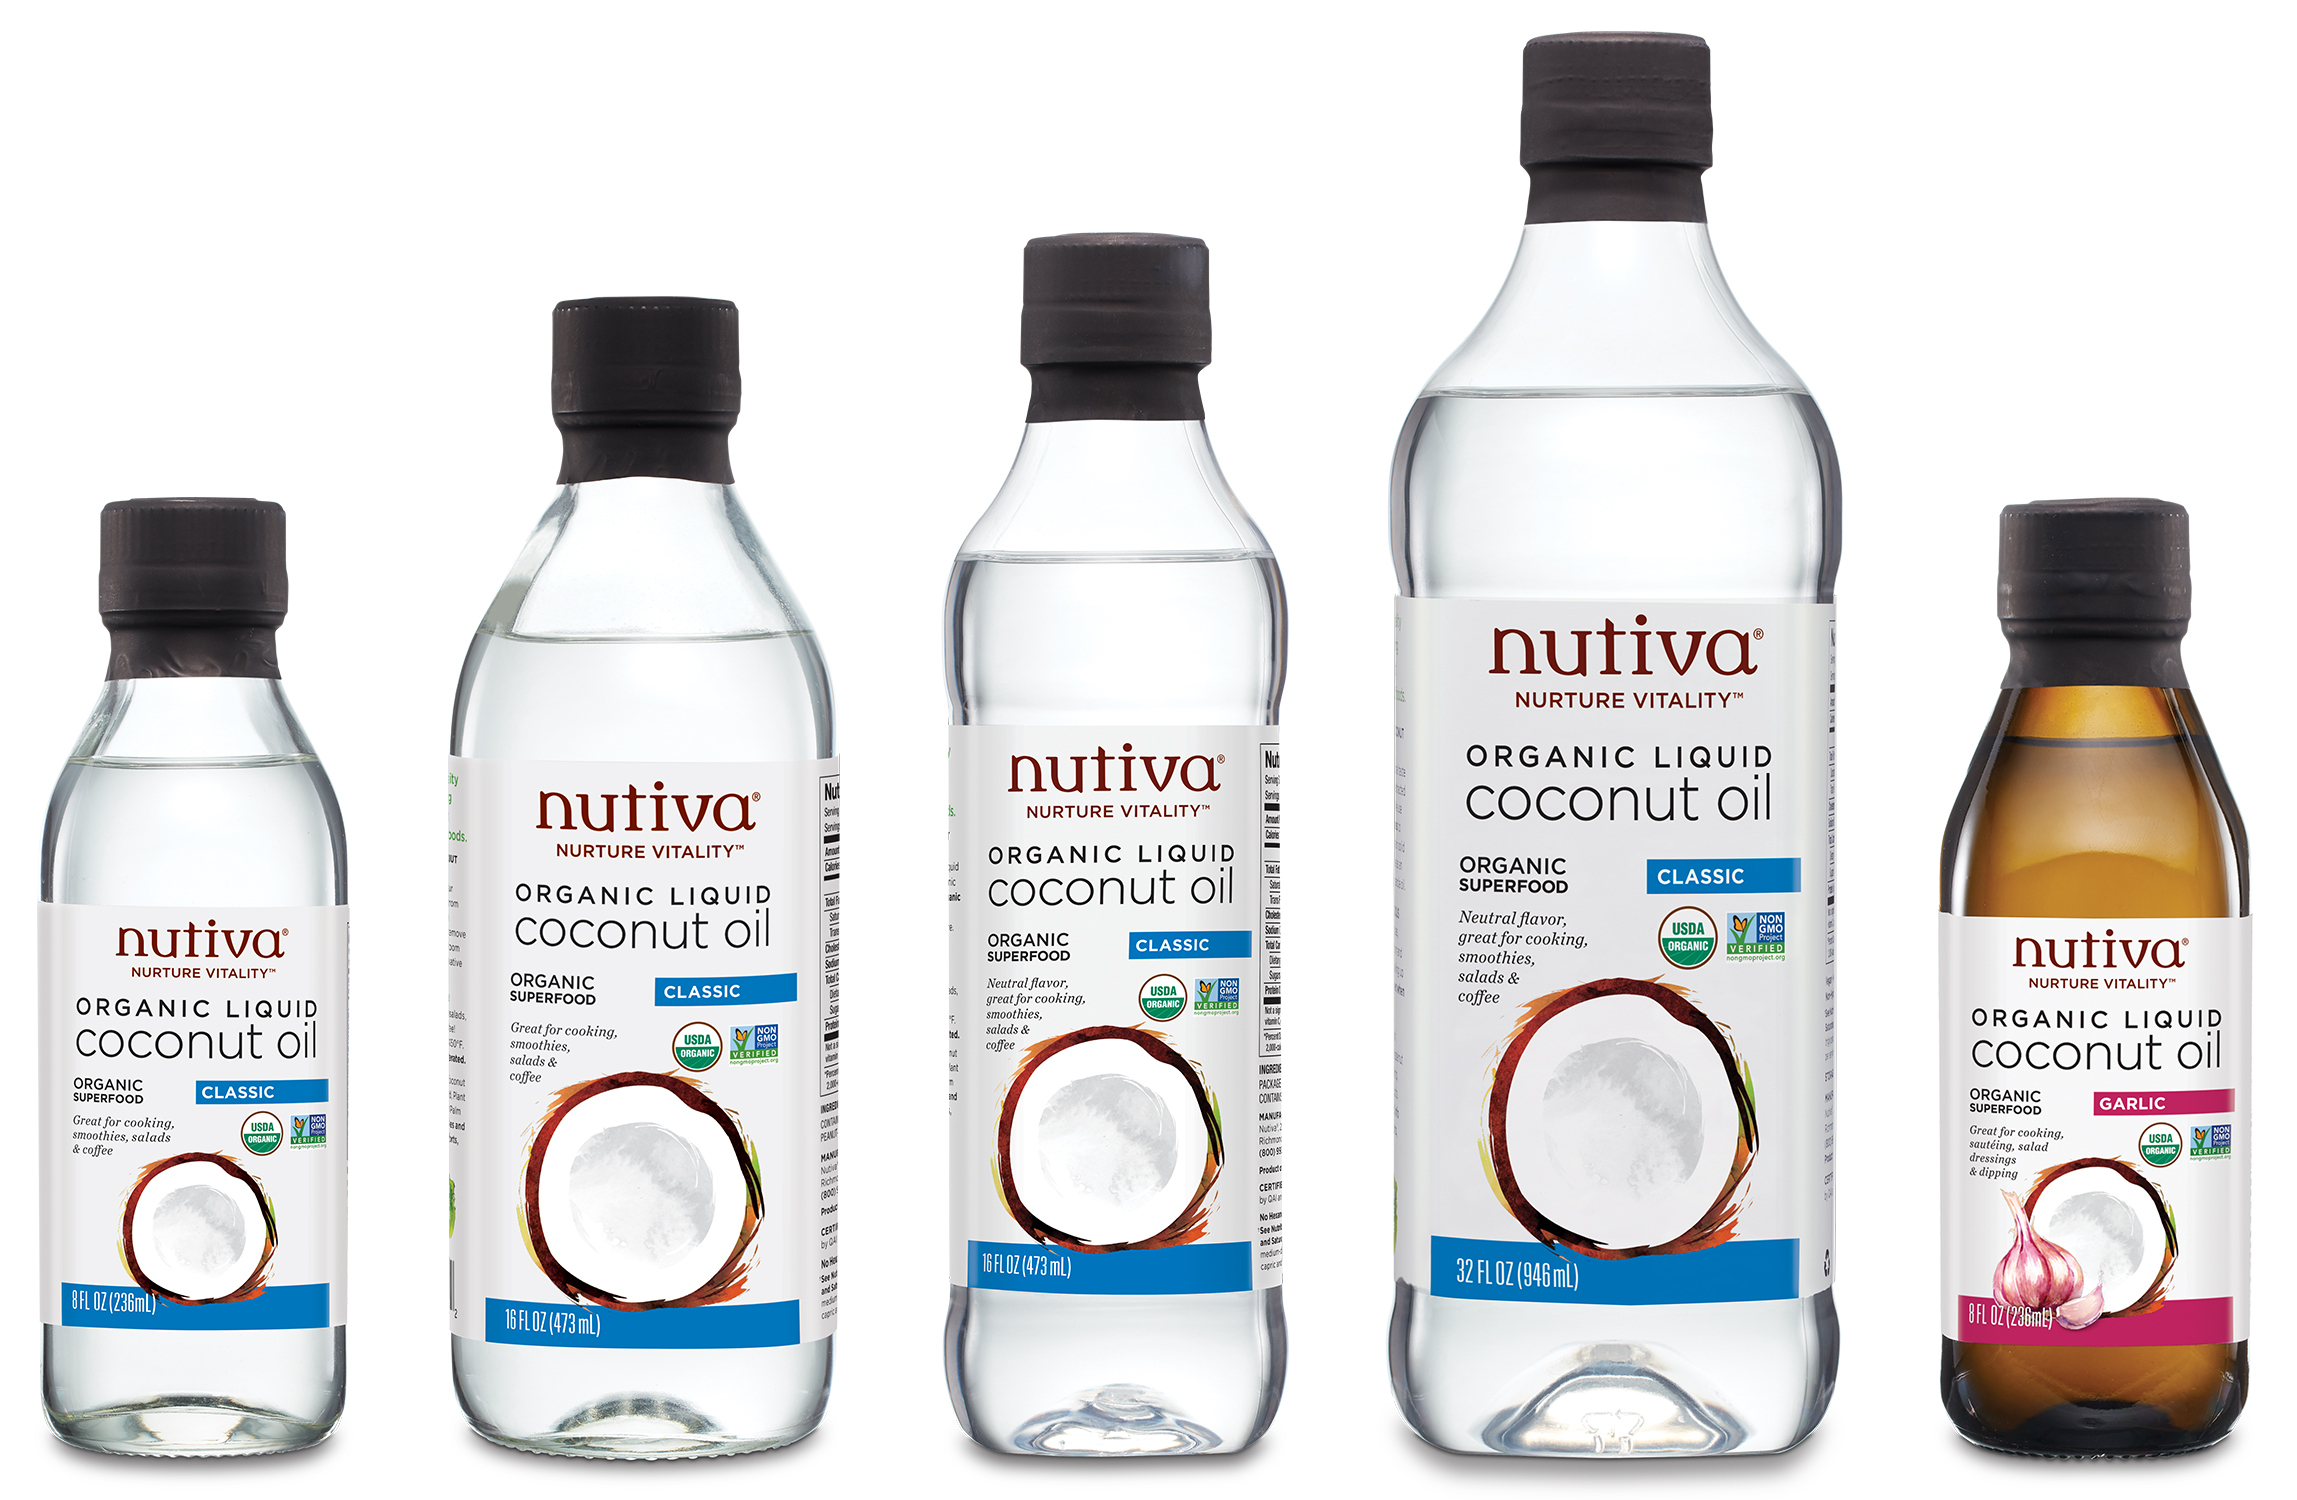 Nutiva Unveils New Organic Liquid Coconut Oils | Business Wire